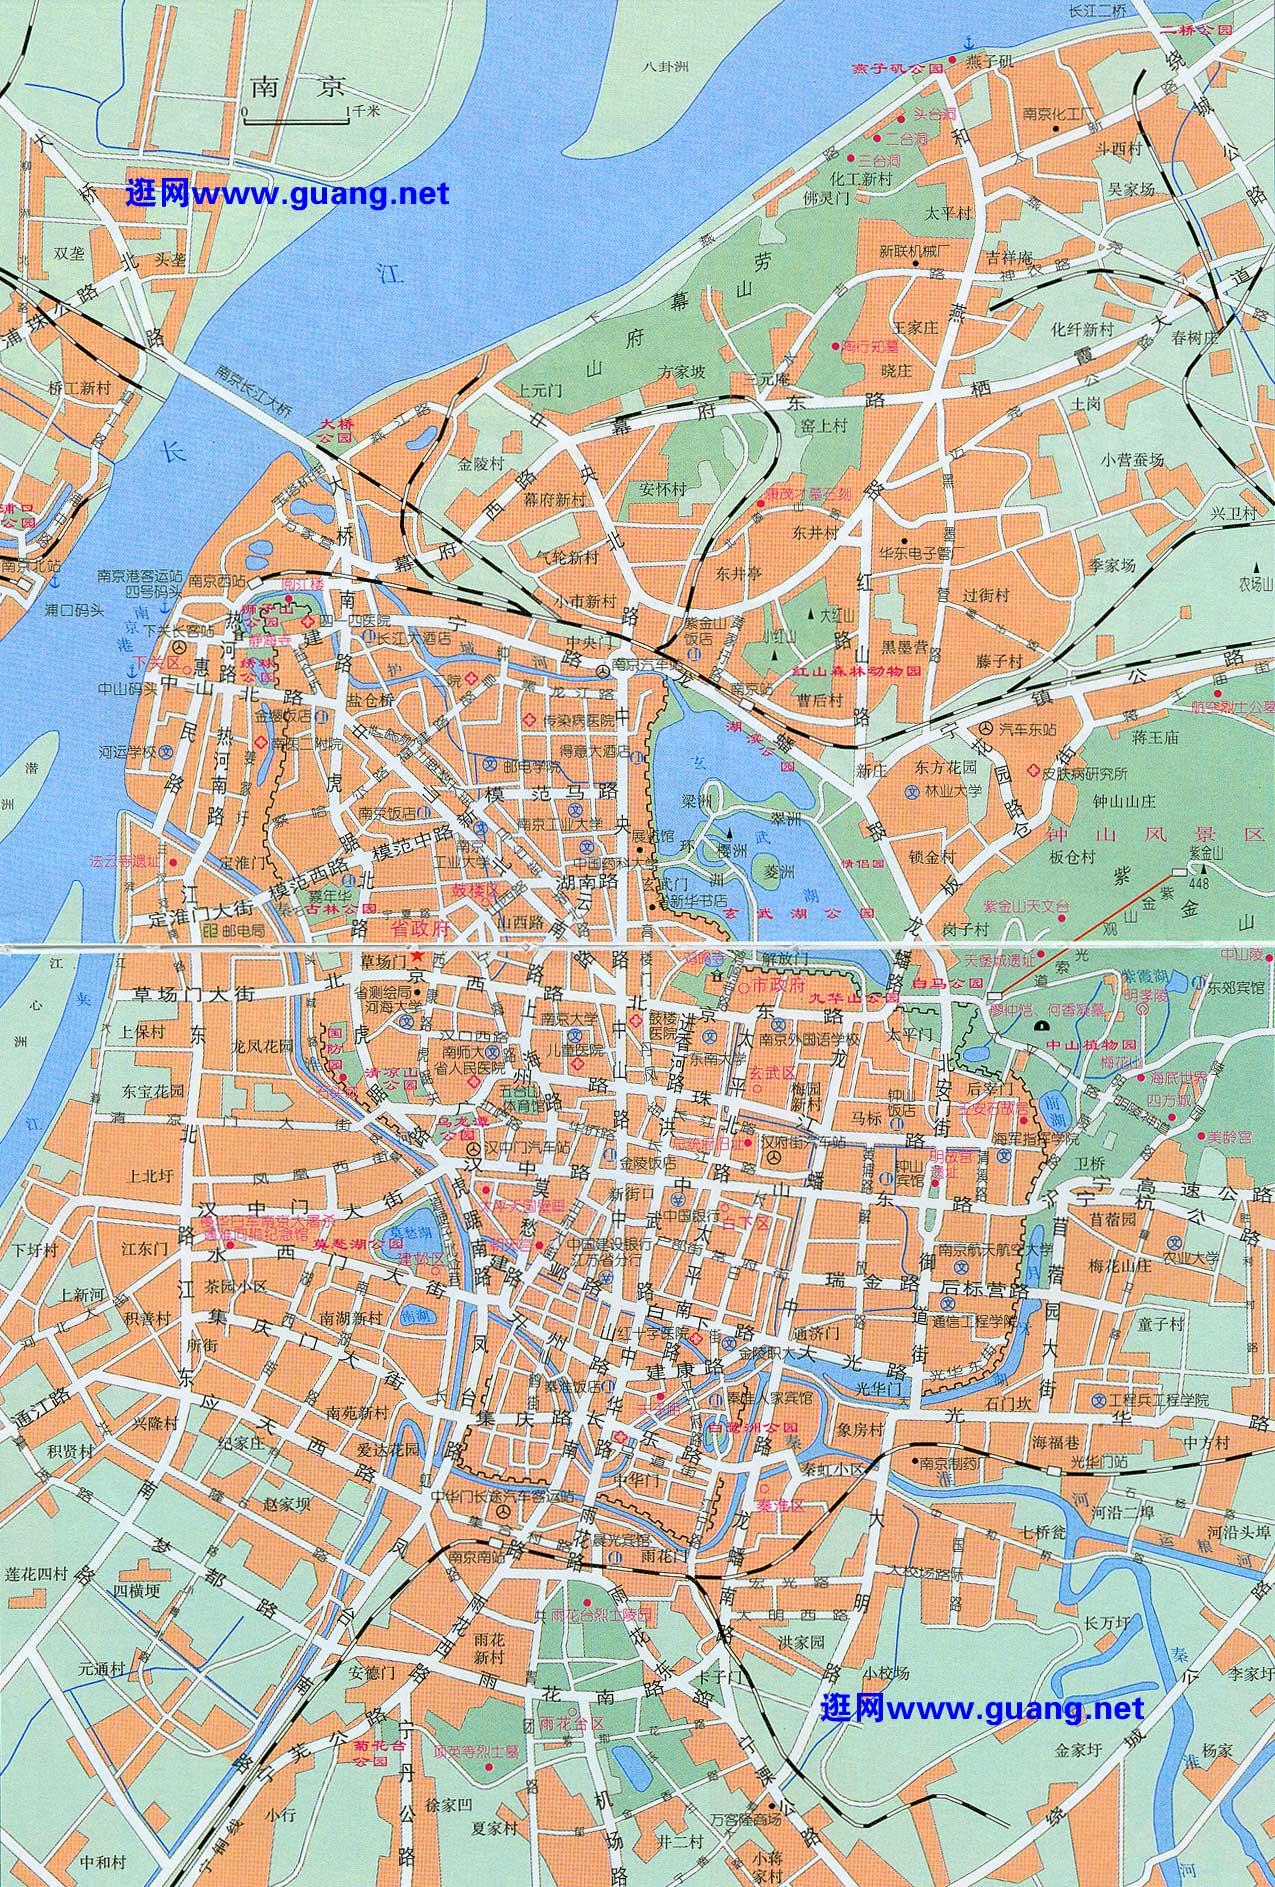 2015年版南京地图,六合区,江宁区,浦口区